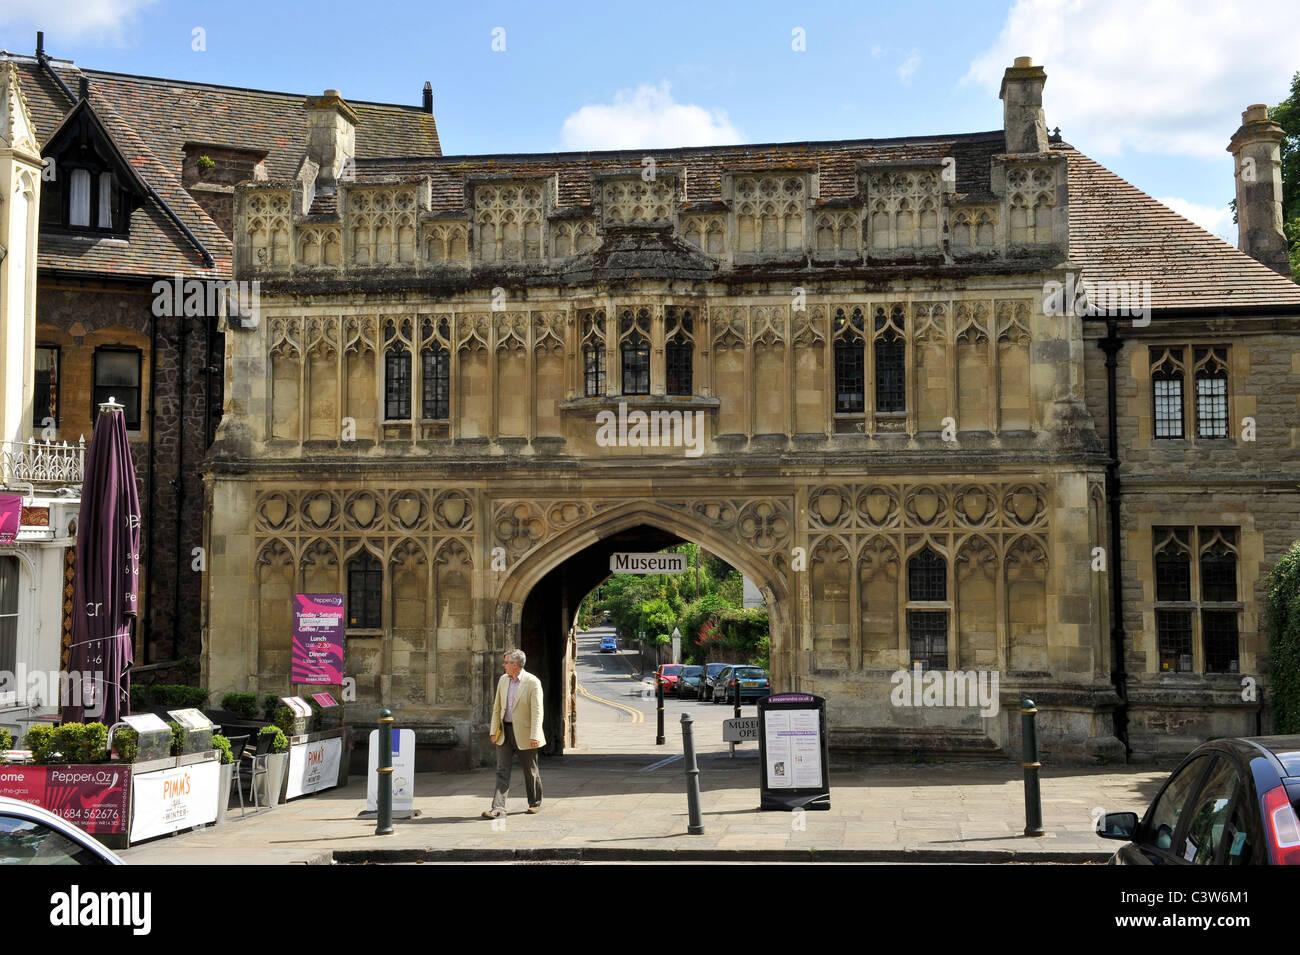 Le prieuré bénédictin de gardien qui est l'entrée de Great Malvern Museum, Worcestershire. Photo Stock